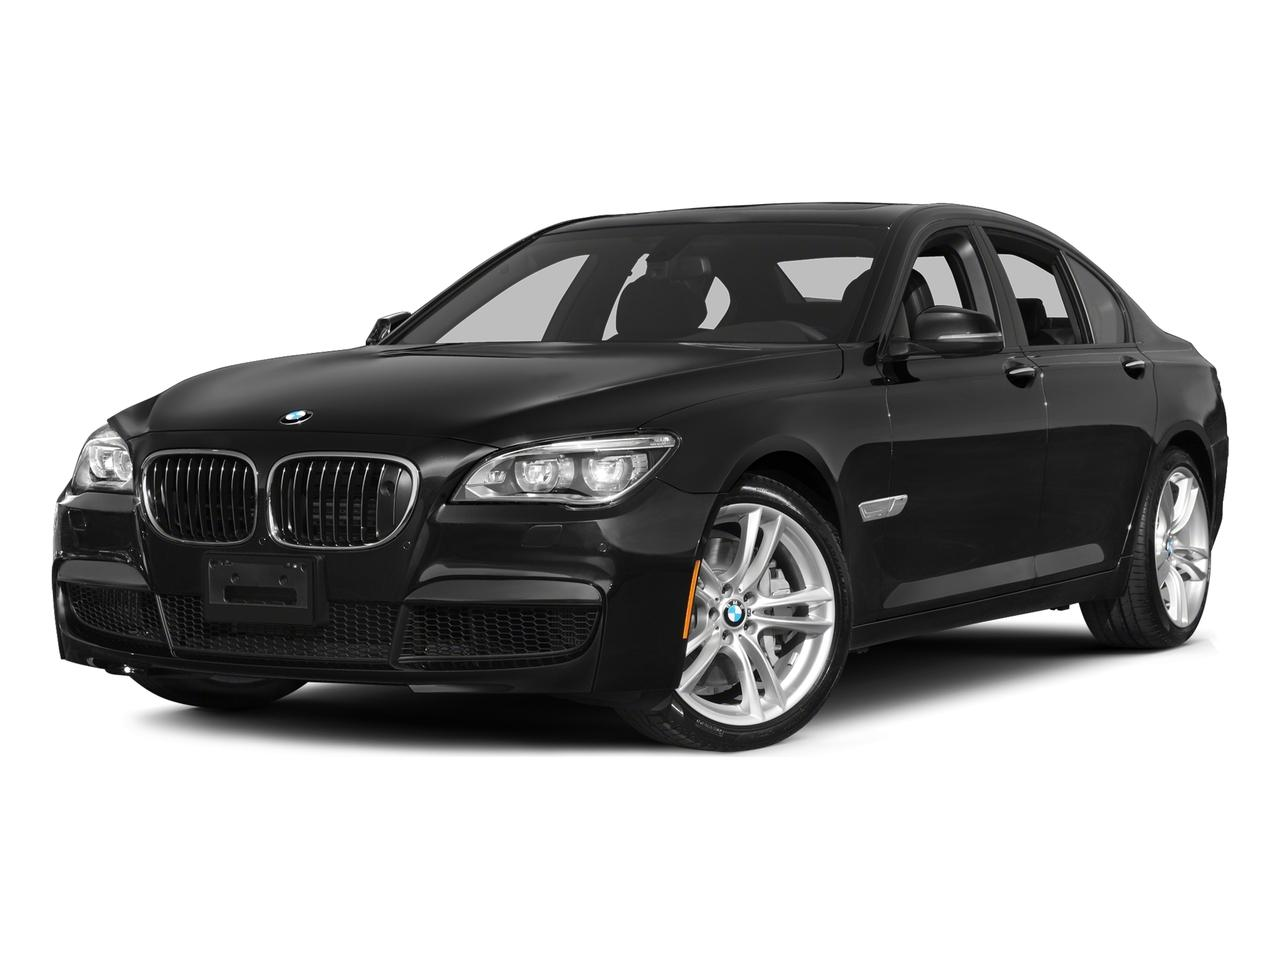 2015 BMW 750Li xDrive Vehicle Photo in Detroit, MI 48207